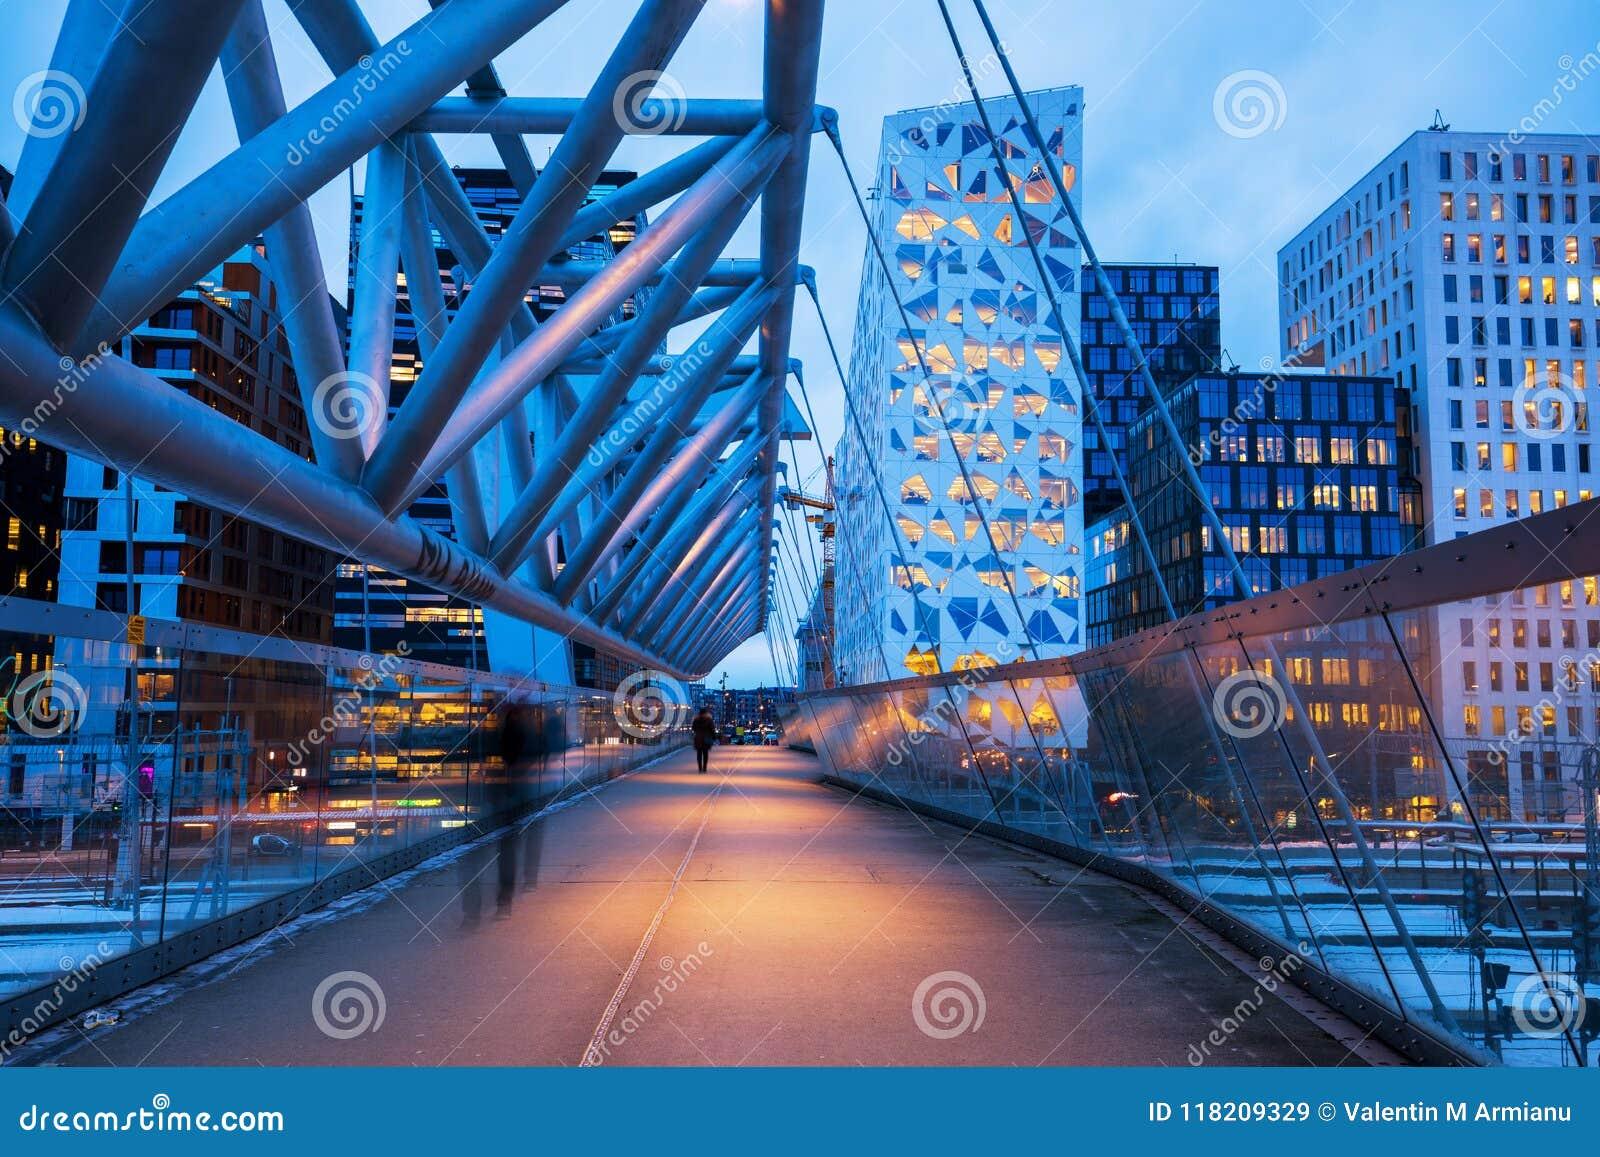 Modern architecture oslo